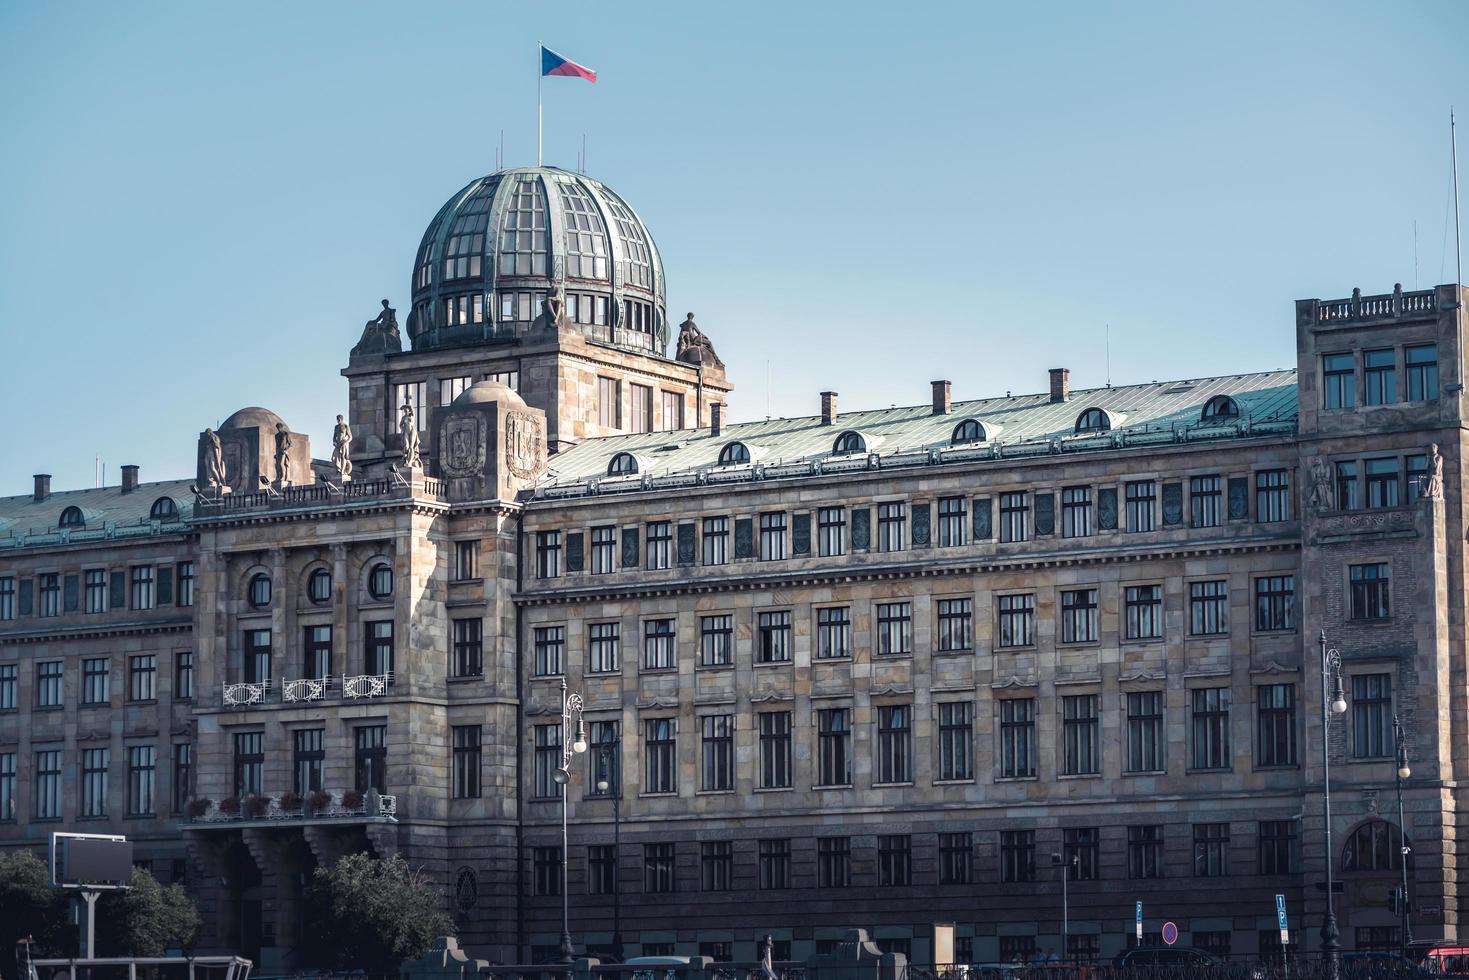 república checa 2019 - ministerio de industria y construcción del comercio foto